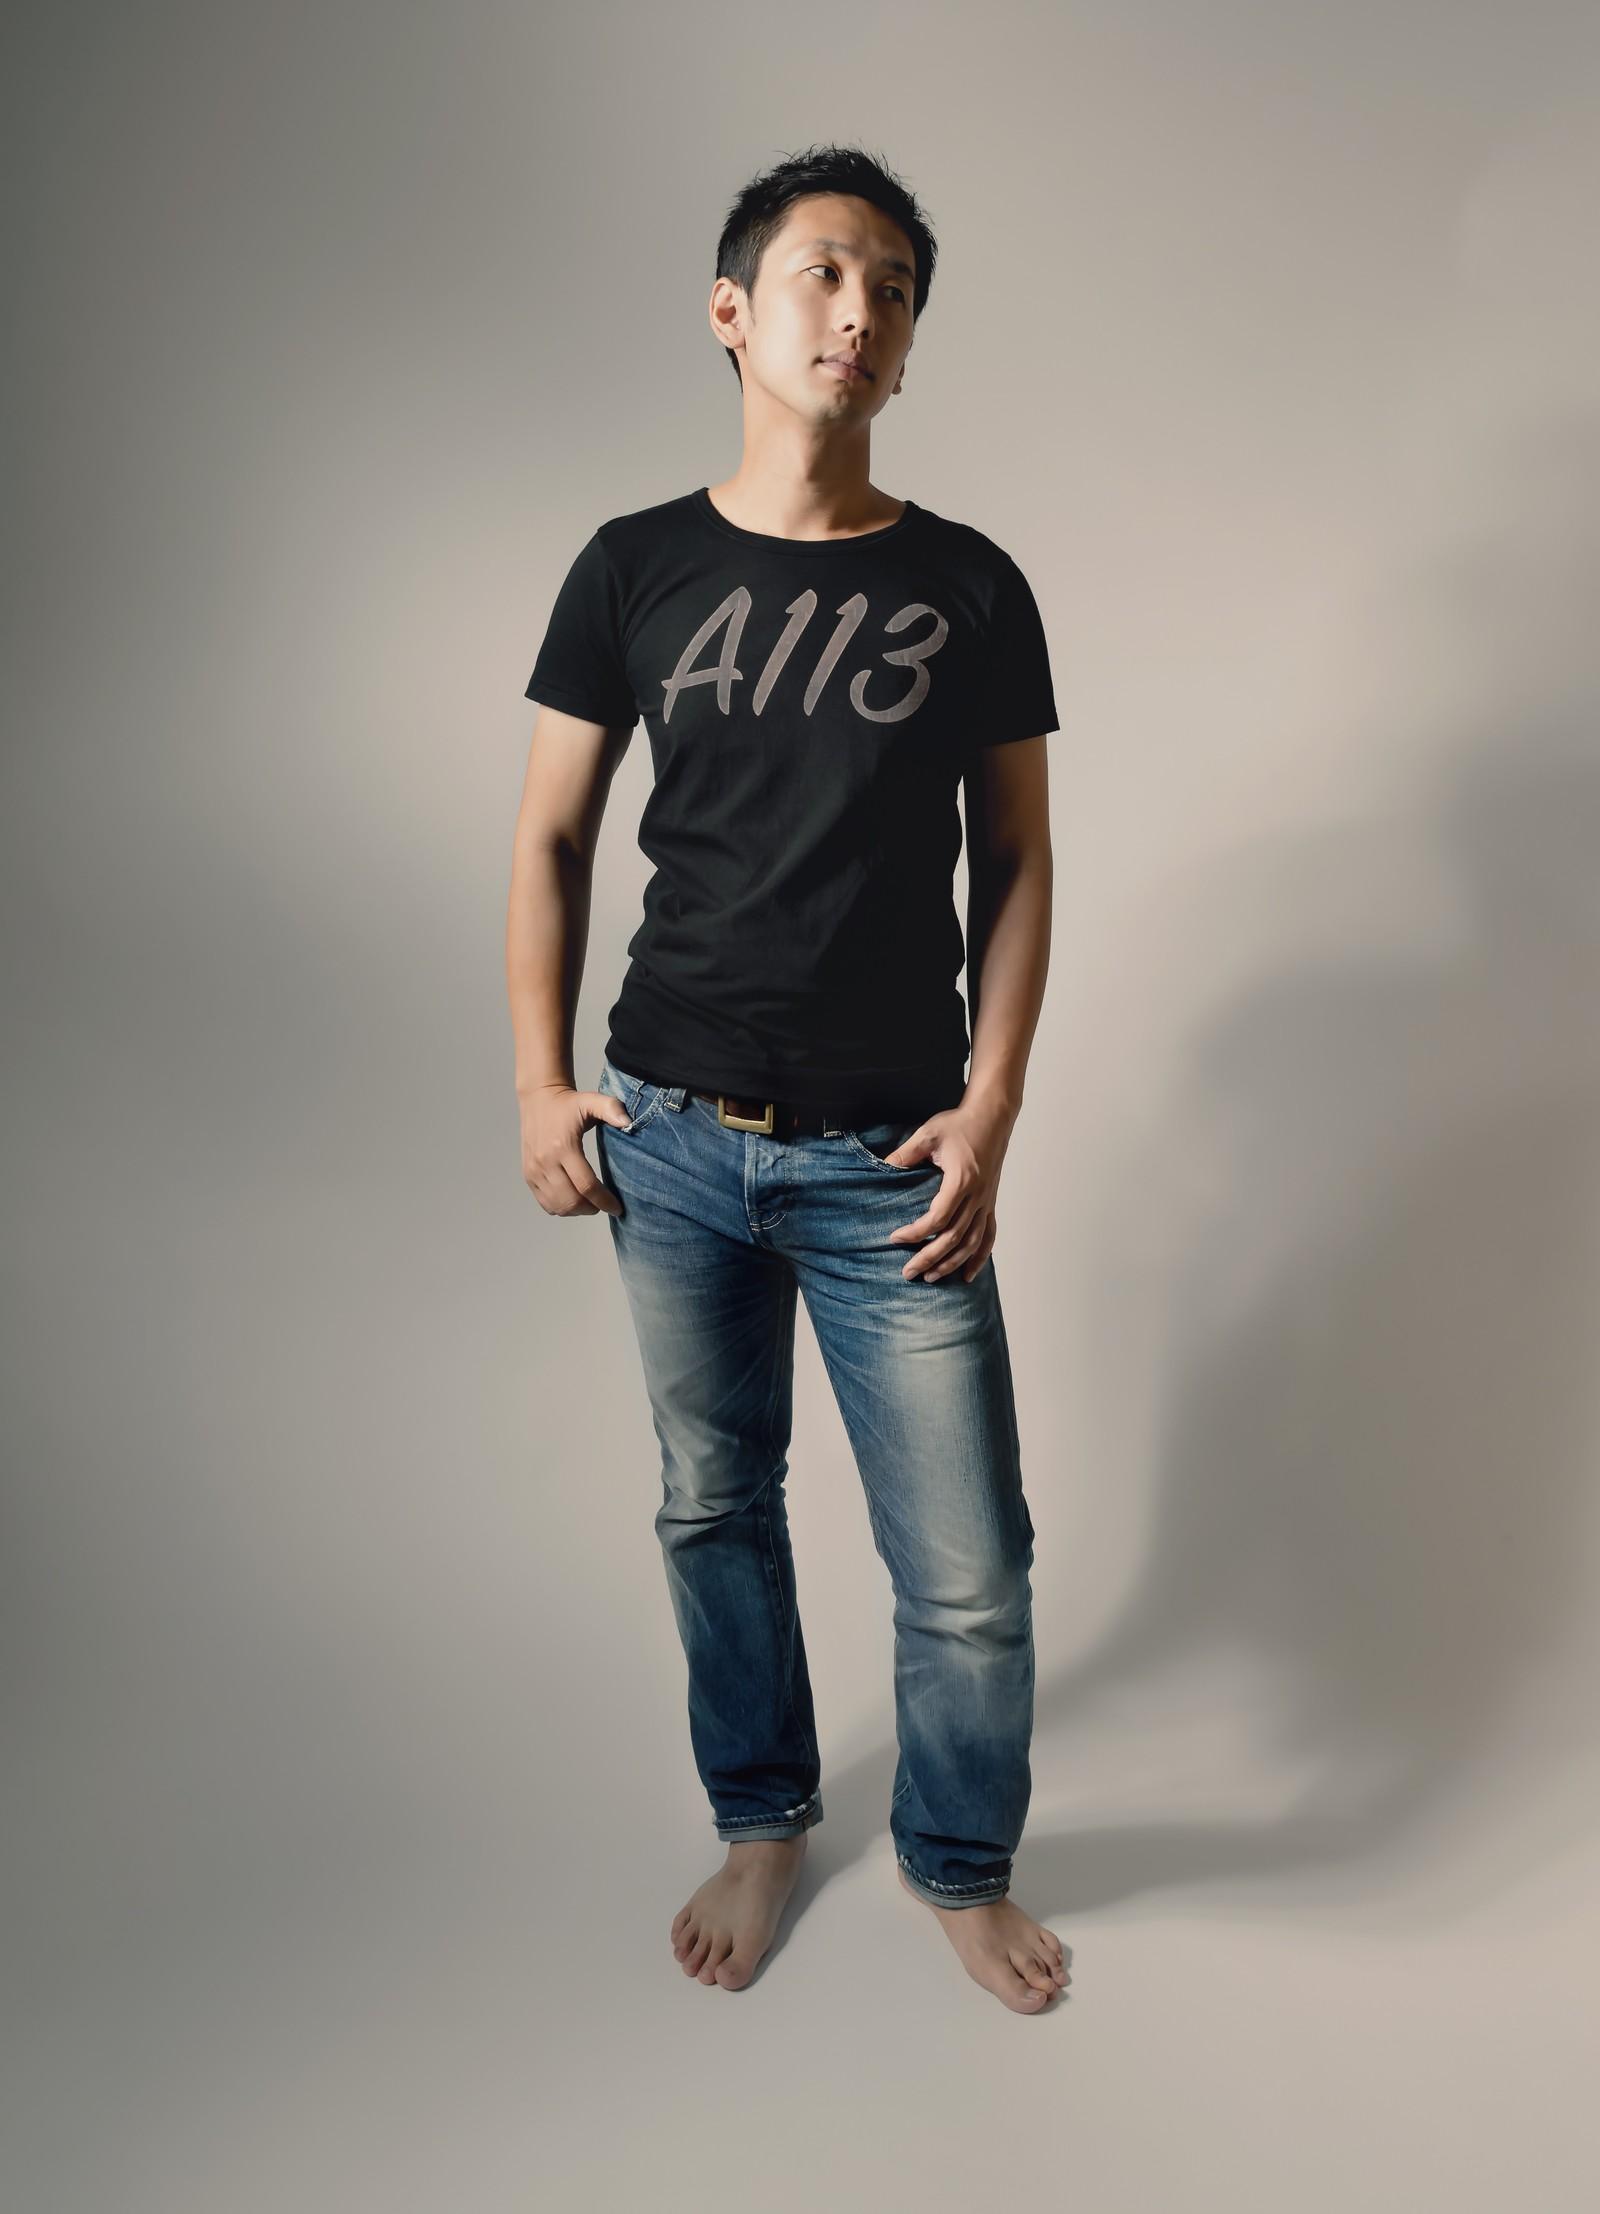 Tシャツとジーンズを来た人